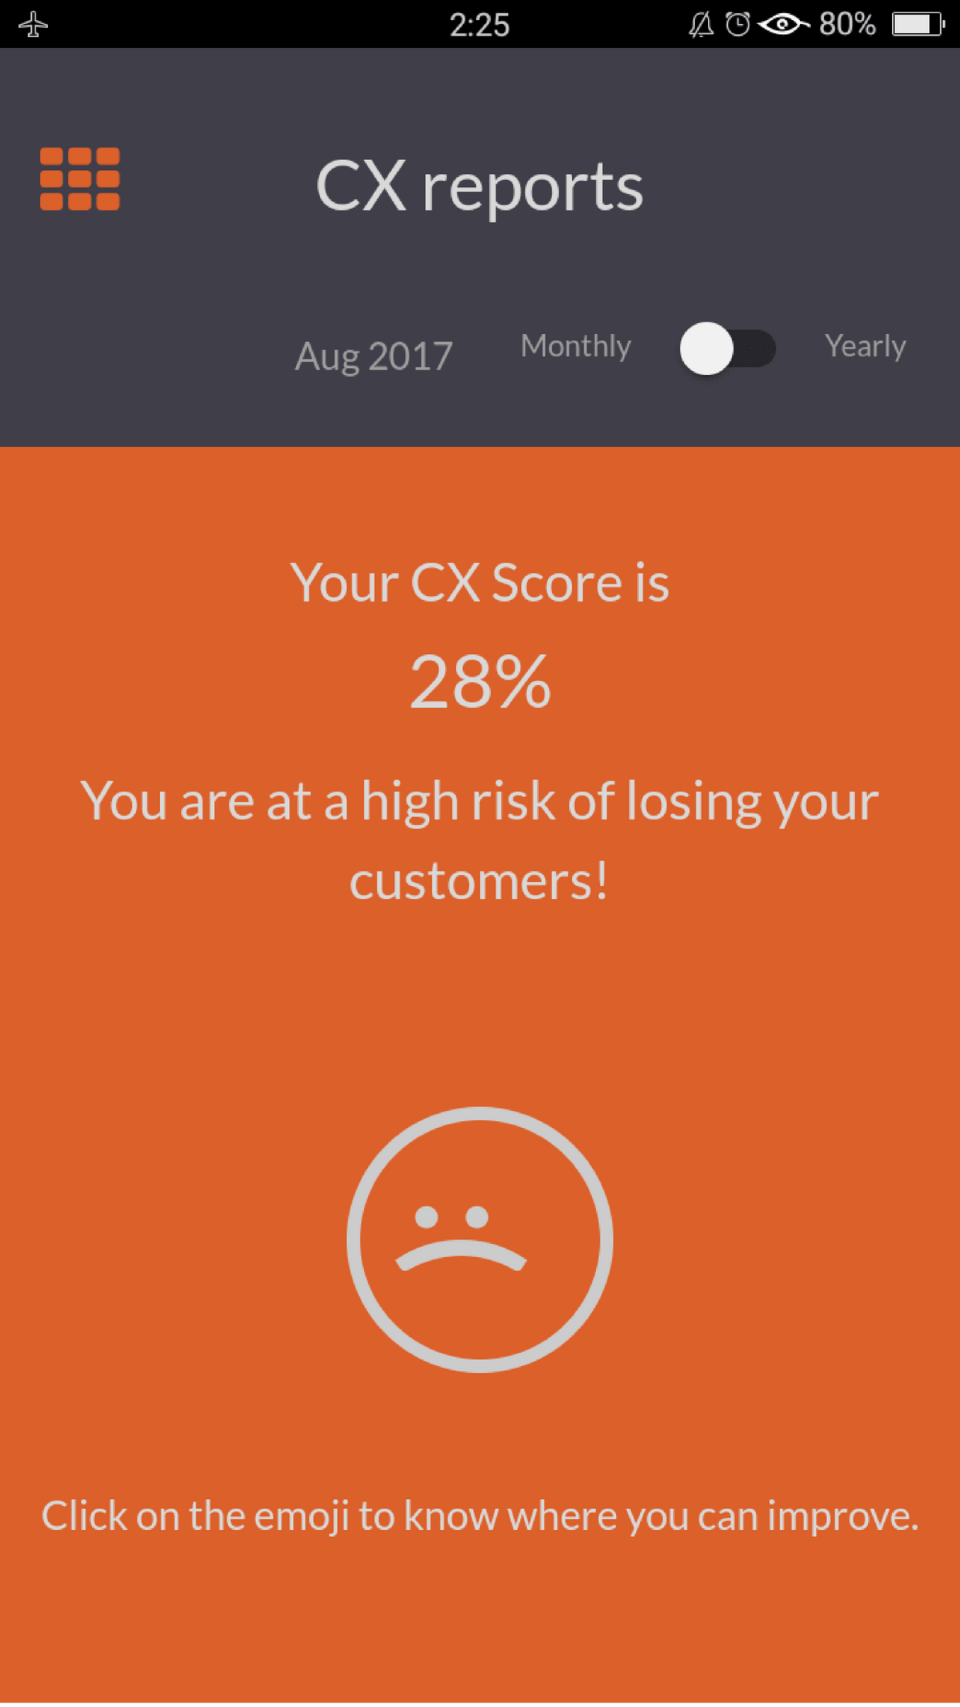 CXONCLOUD Software - Measure CX Score